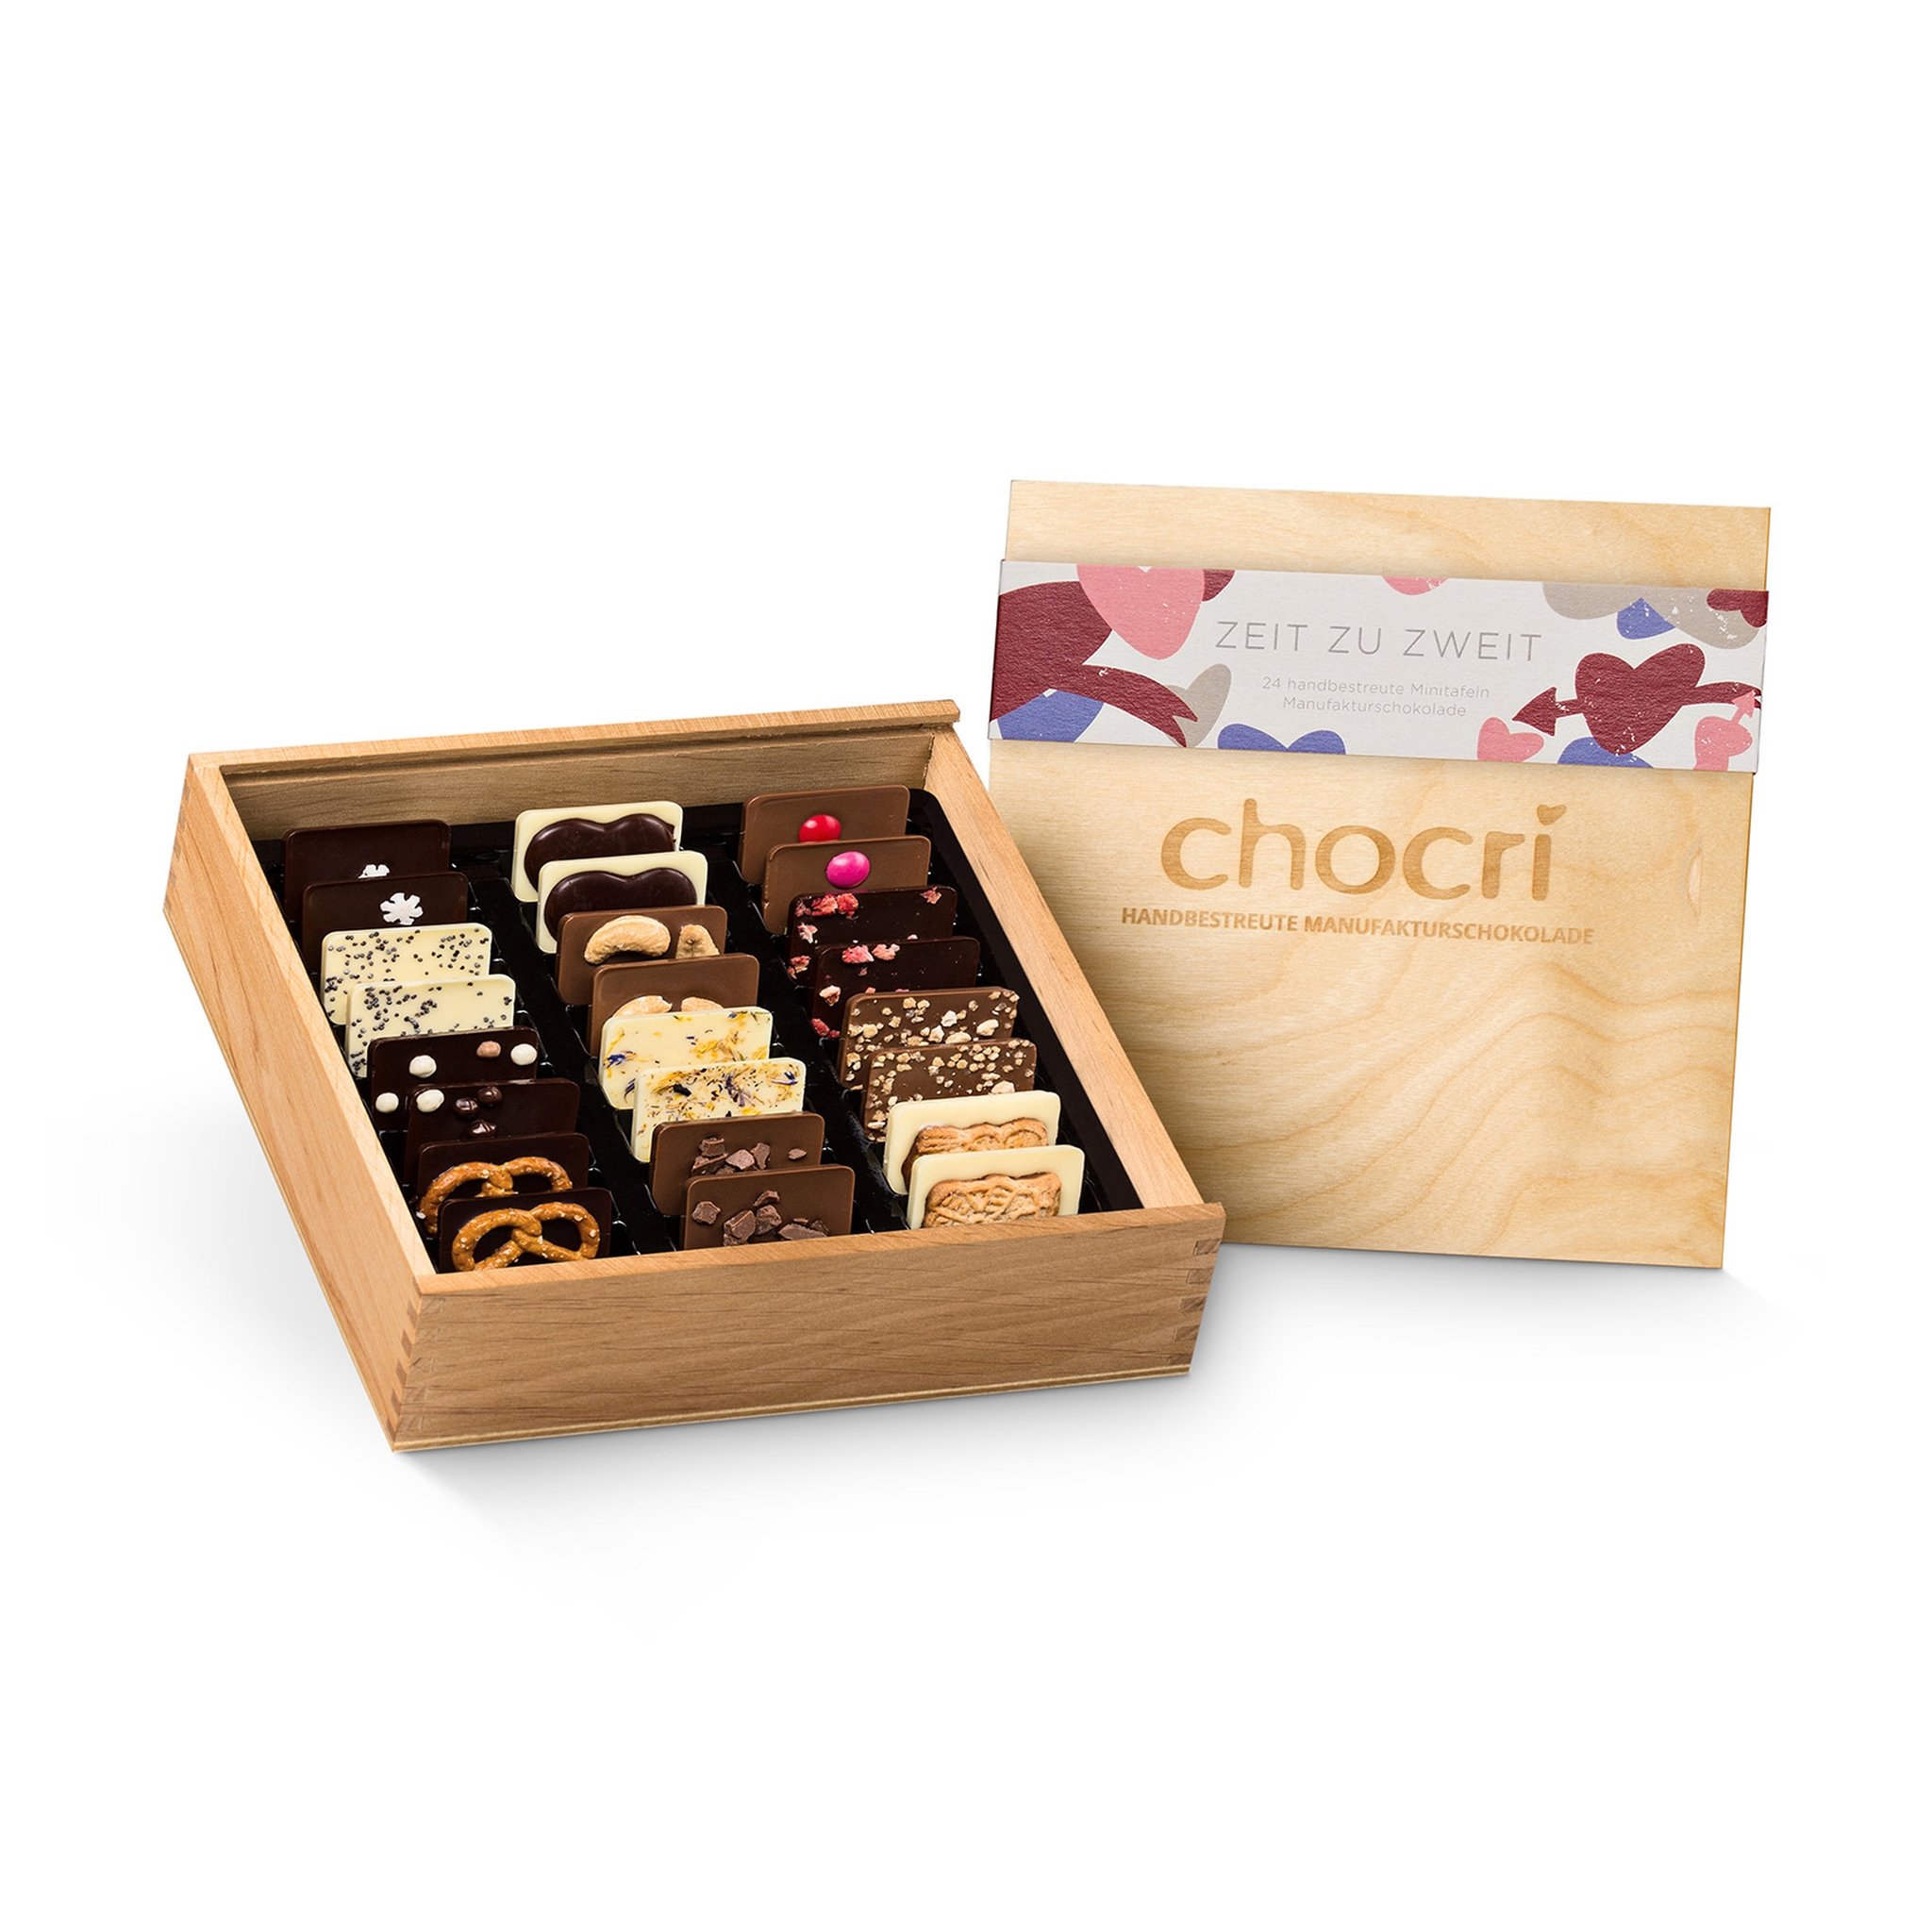 - chocri Weltreise® Zeit zu zweit in edler Holz Box - Onlineshop Chocri